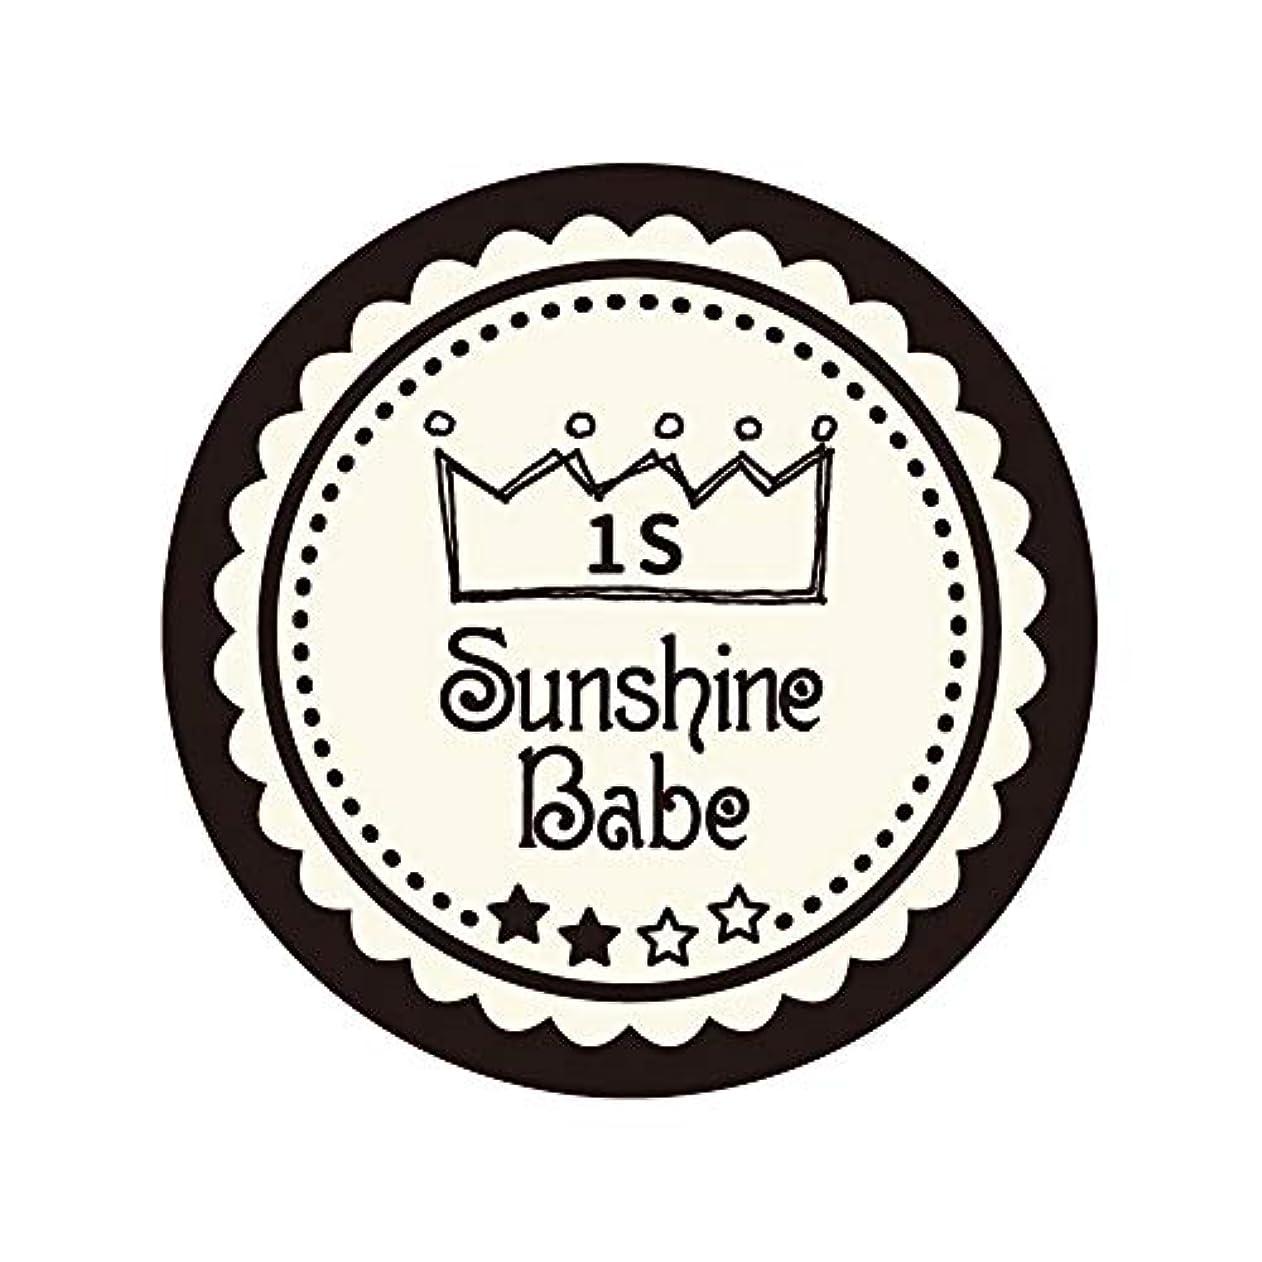 ストロー爪お勧めSunshine Babe コスメティックカラー 1S ココナッツミルク 4g UV/LED対応タイオウ